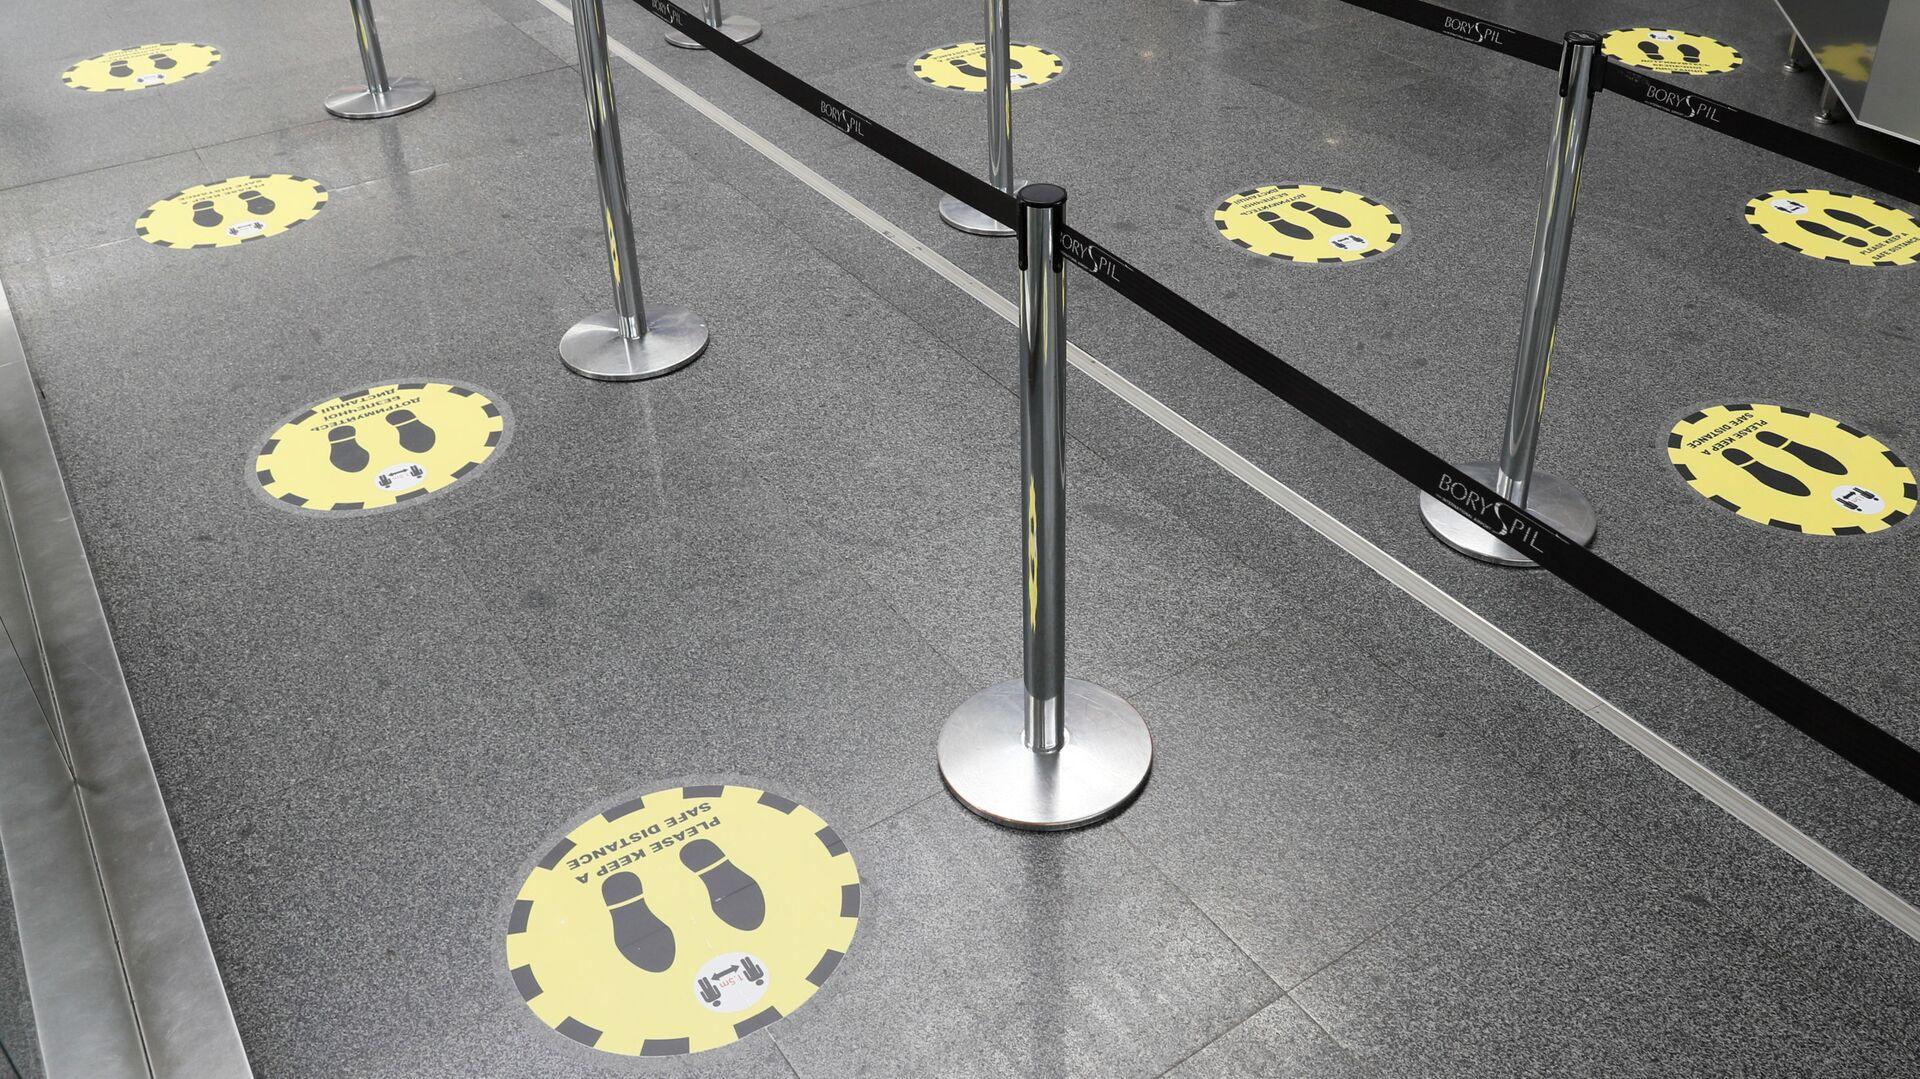 Отметки о необходимости соблюдать социальную дистанцию в международном аэропорту Борисполь в Киеве - Sputnik Latvija, 1920, 12.10.2021